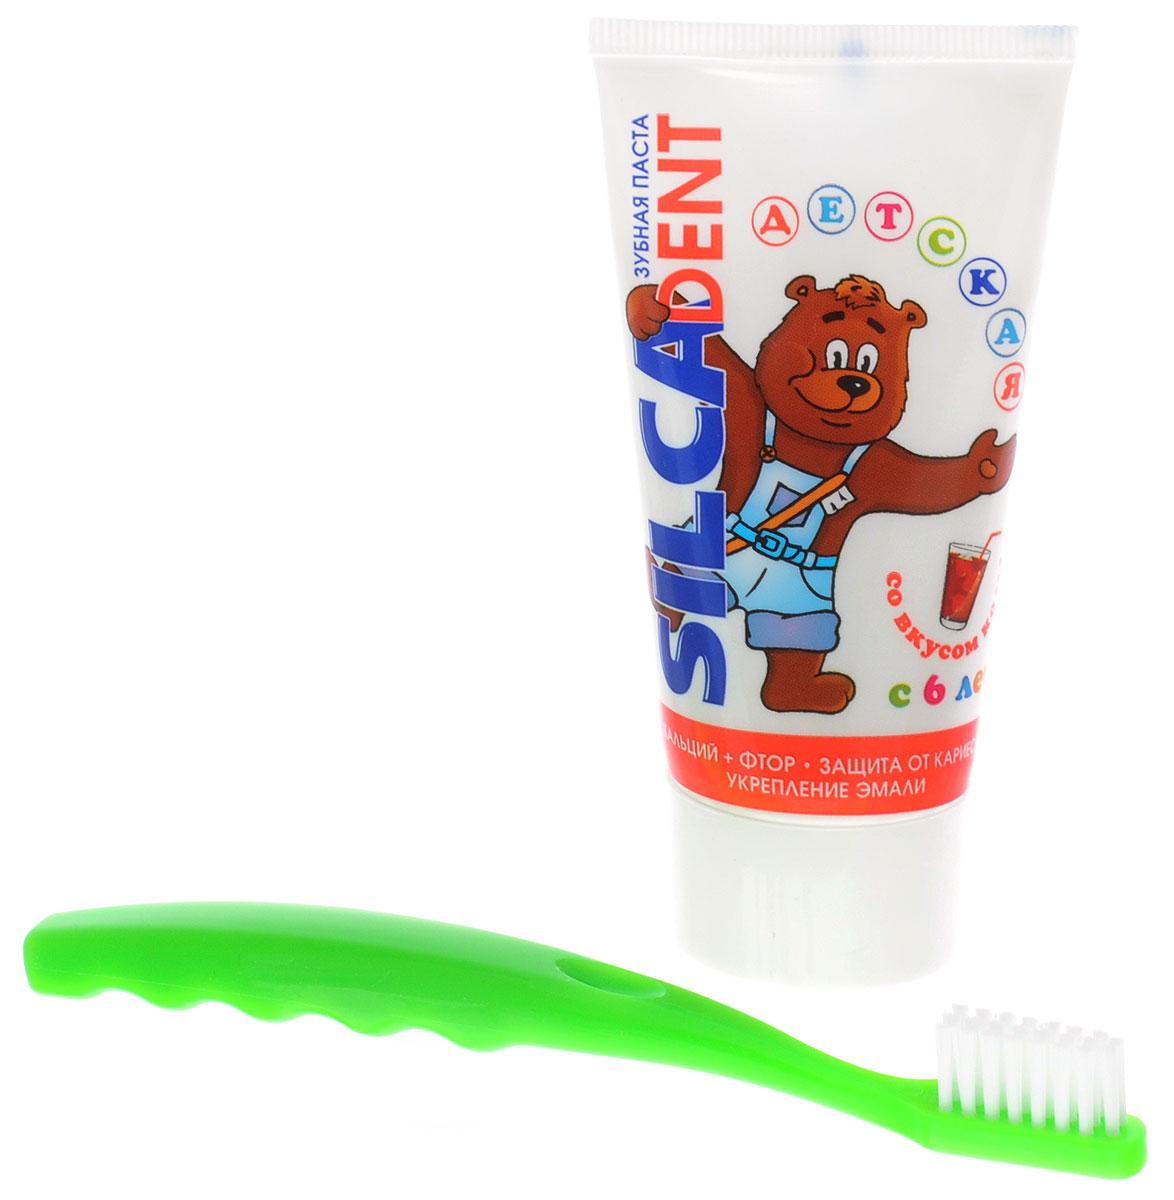 Silca Med Набор Зубная паста со вкусом колы + щетка с 6 лет цвет зеленый600033_ зеленыйSilca Med Набор Зубная паста со вкусом колы + щетка с 6 лет цвет зеленый